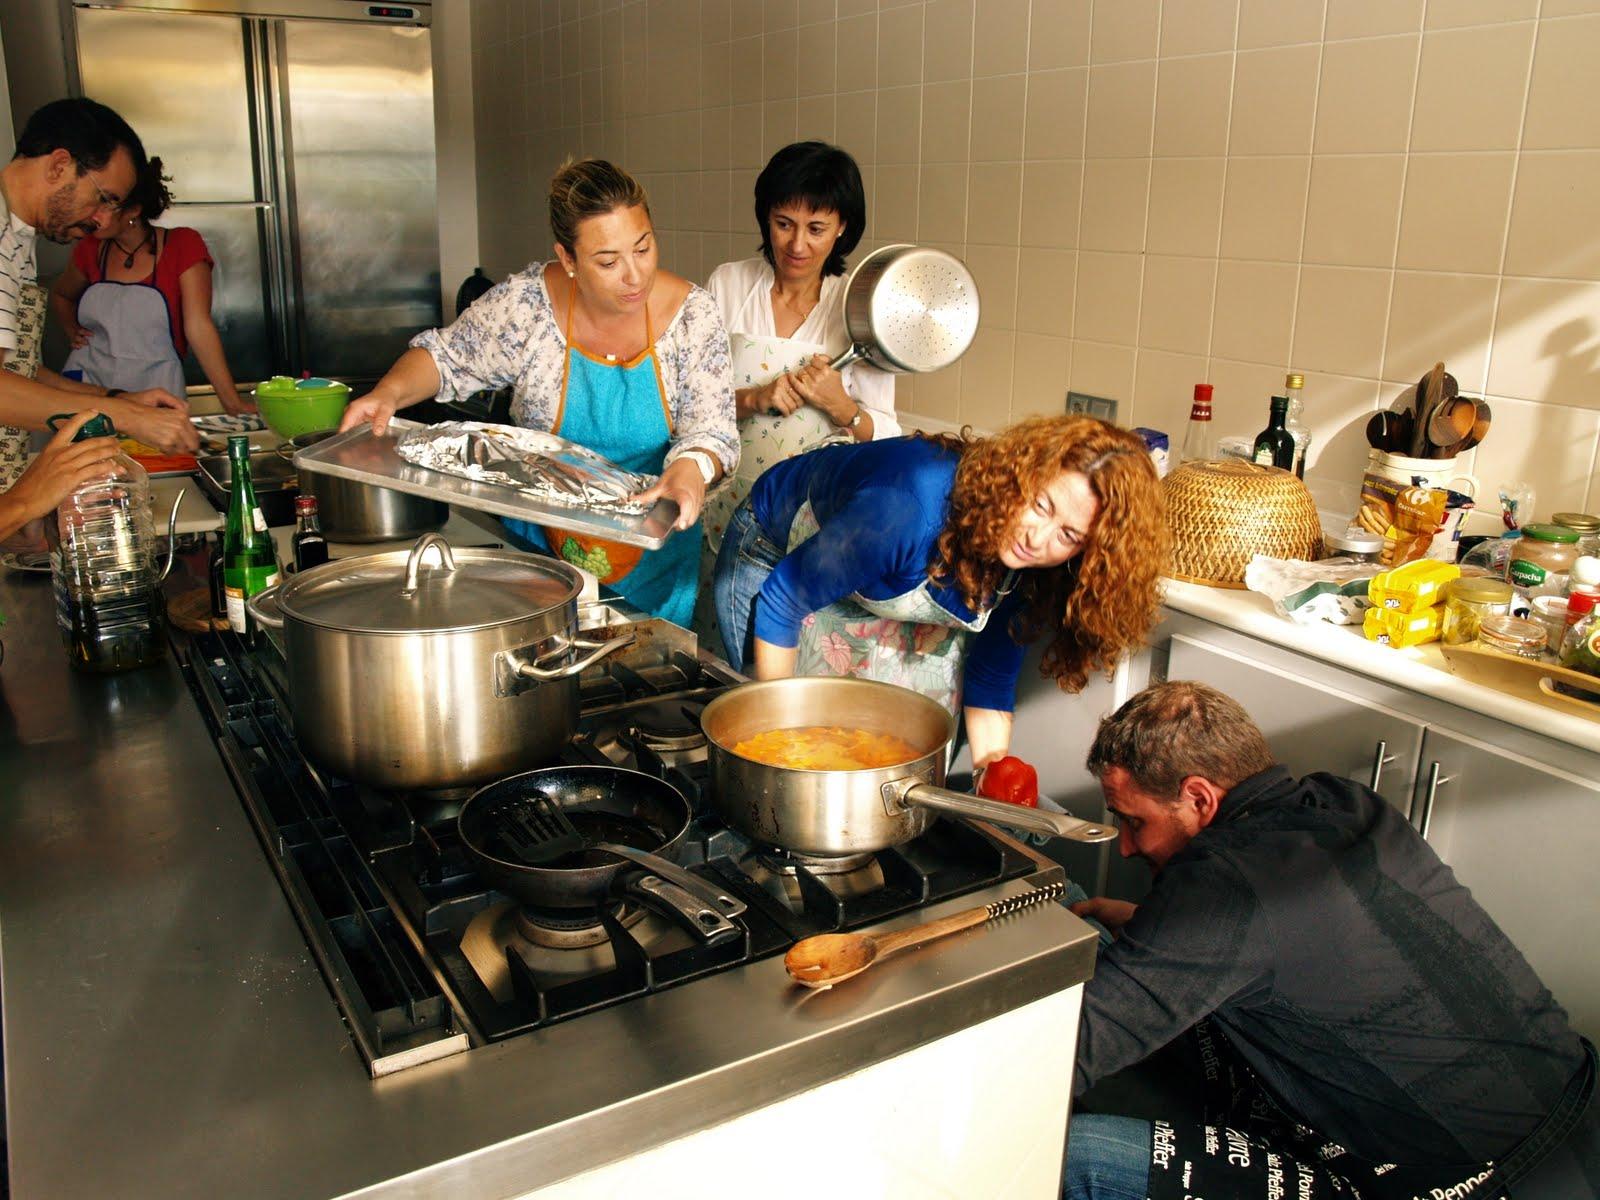 Curso de cocina vegetariana 23 de enero - Curso de cocina vegetariana ...